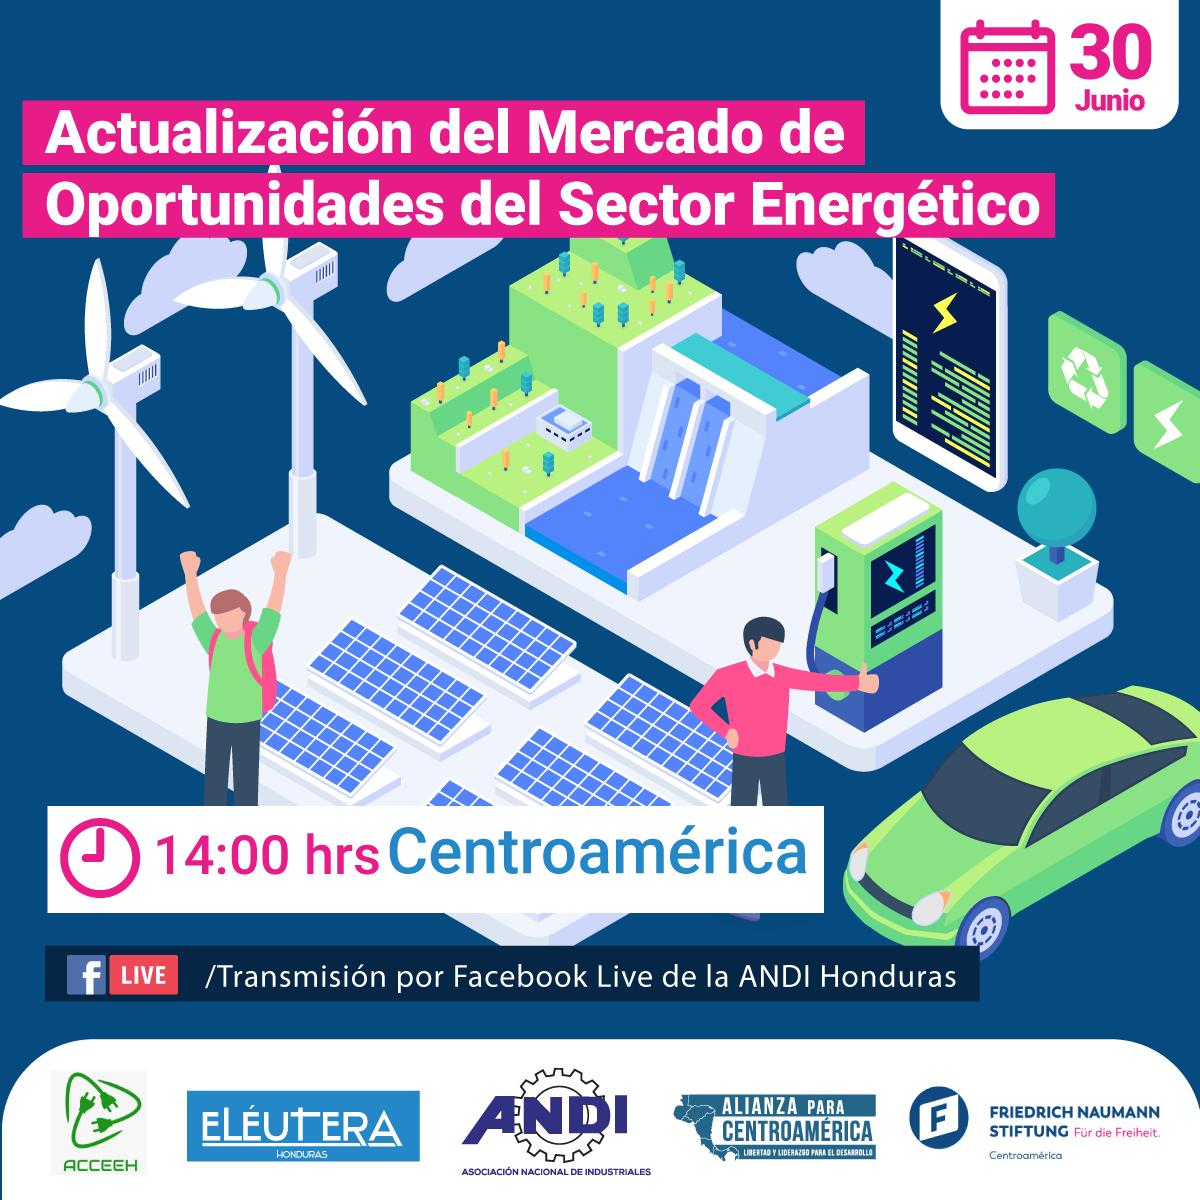 Actualización del Mercado de Oportunidades del Sector Energético